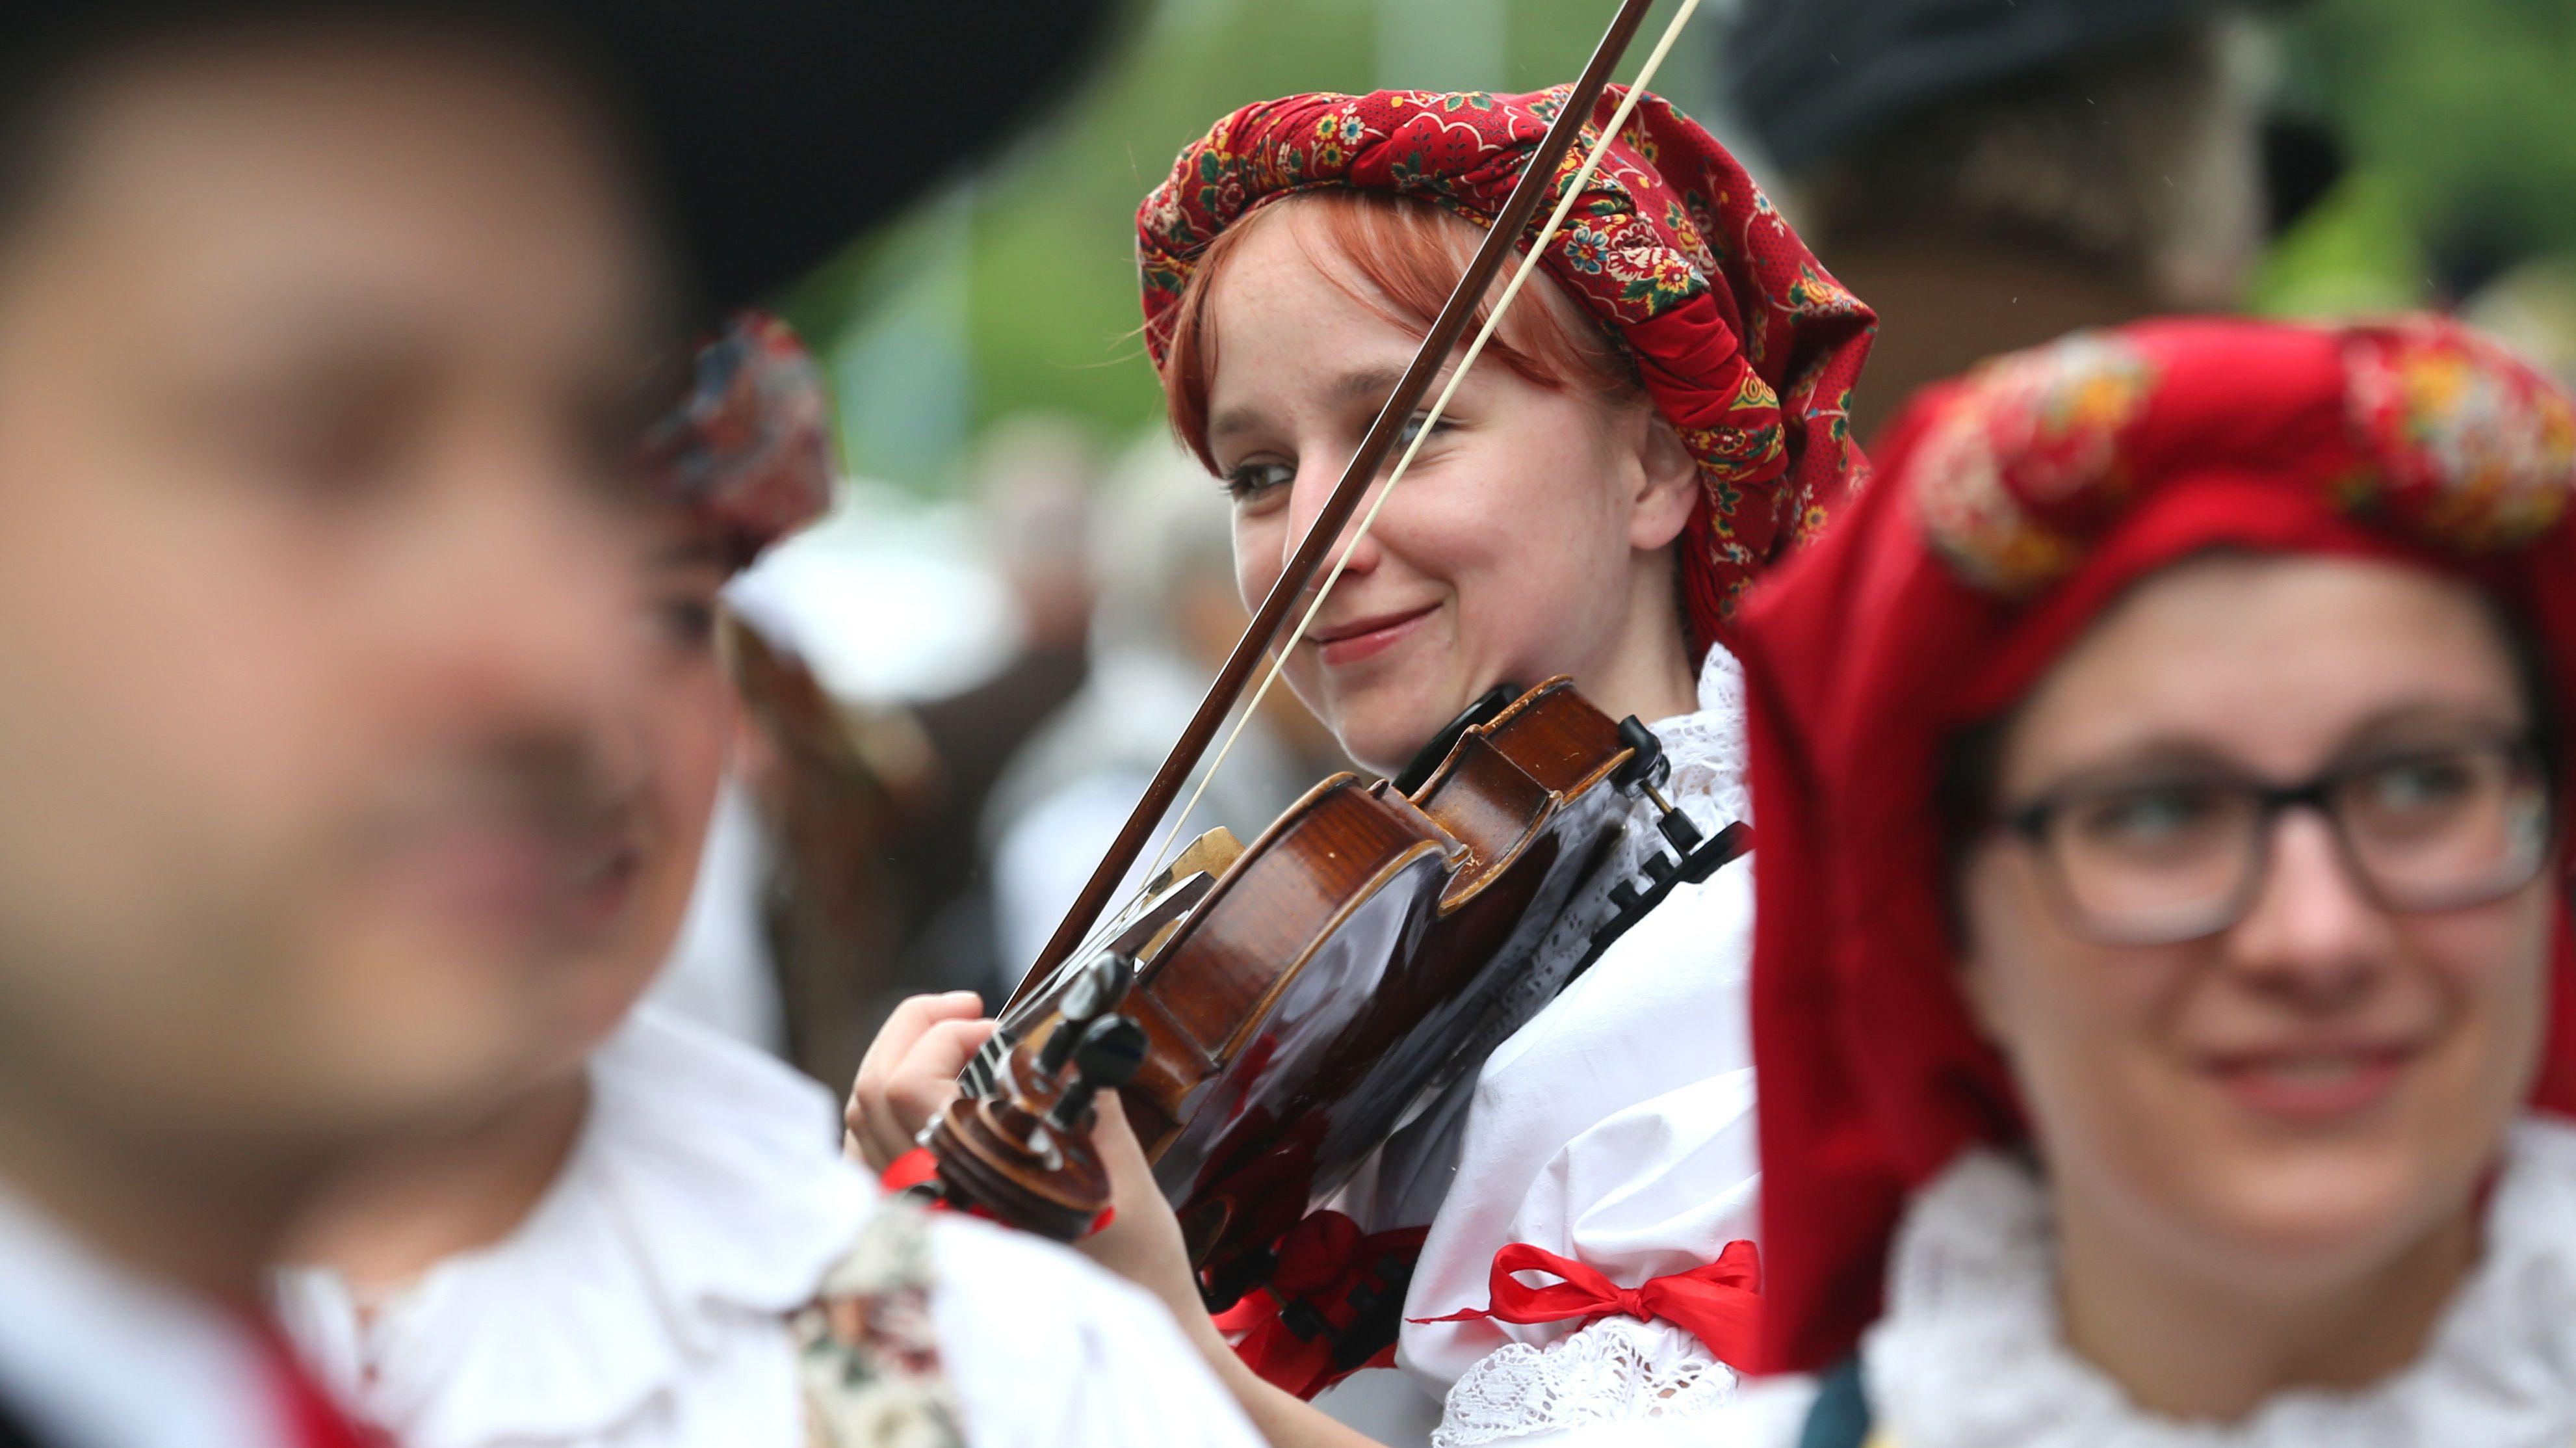 Archivbild: Besucher in Iglauer Tracht musizieren 2017 beim 68. Sudetendeutschen Tag in Augsburg.